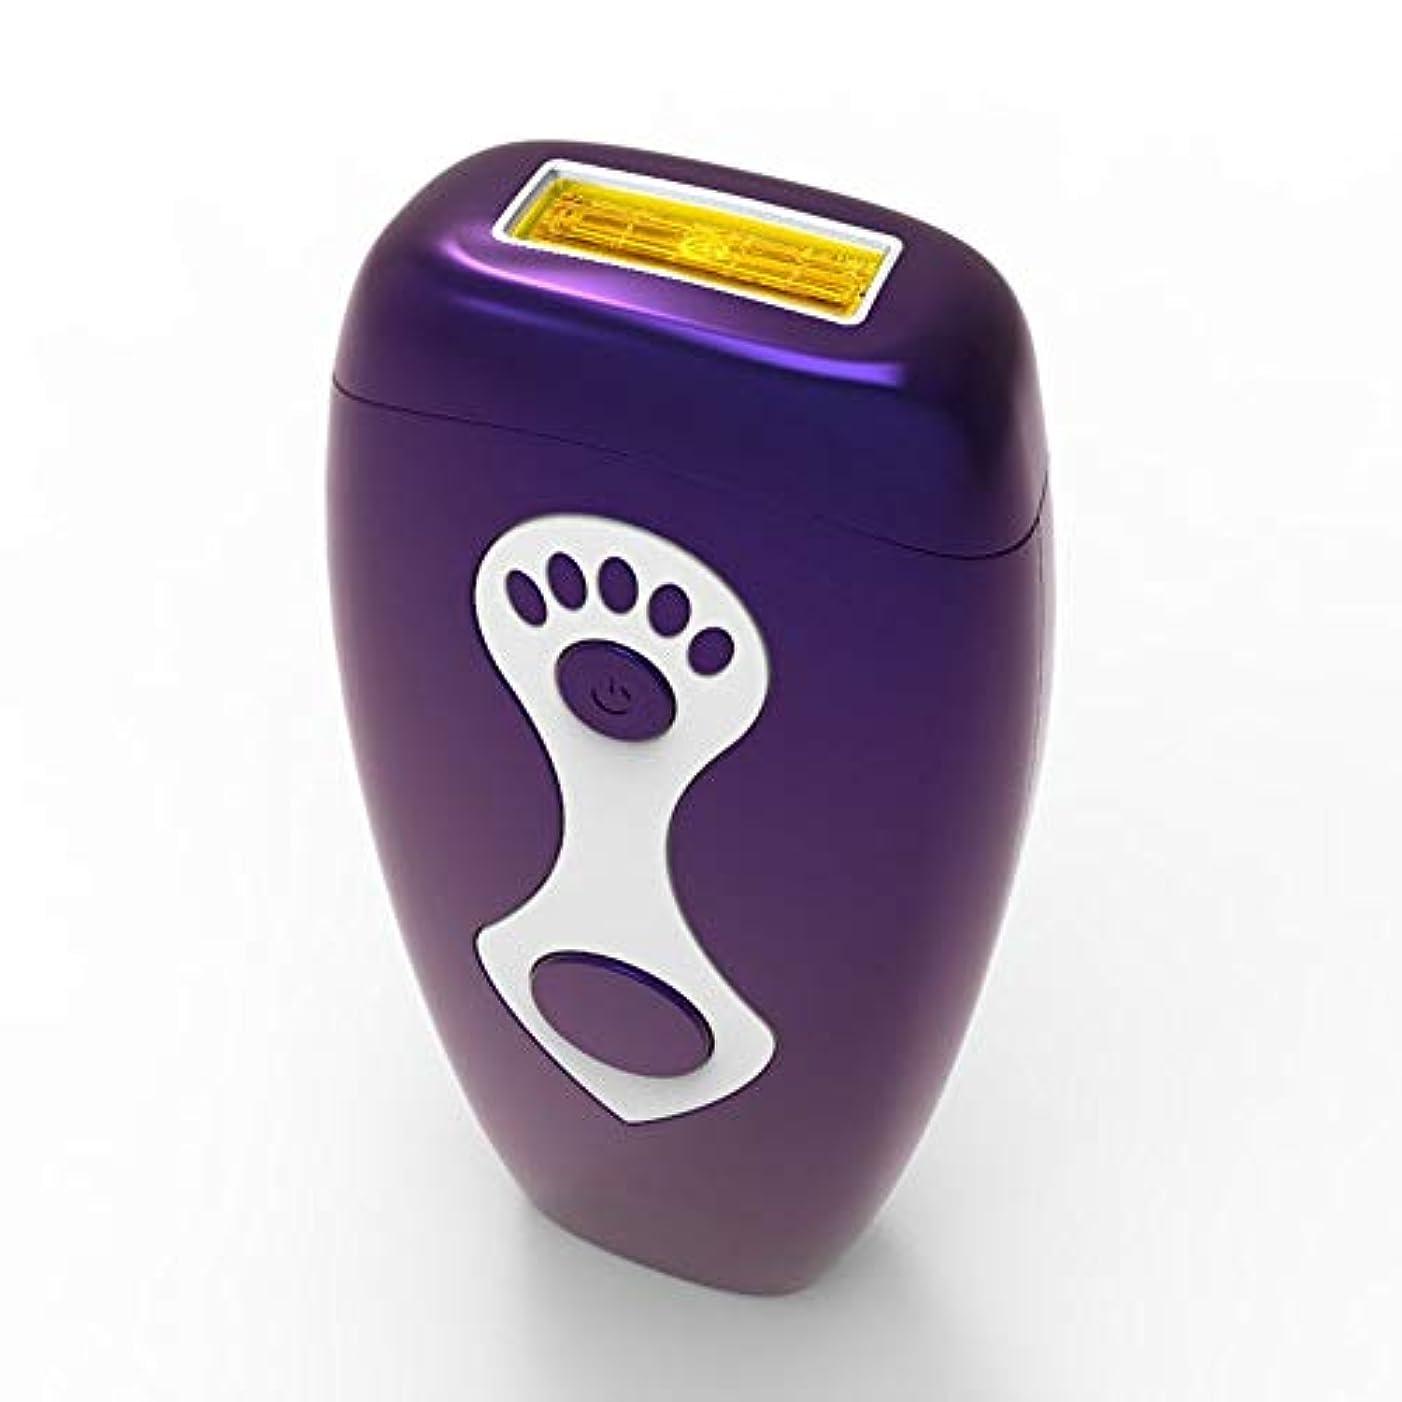 処分したアトミックバルコニーXihouxian パーマネント脱毛、家庭用ニュートラルヘアリムーバー、柔らかい肌、マルチ運動エネルギー、安全性、グレード5無料調整、サイズ7.5×16.5 Cm D40 (Color : Purple)